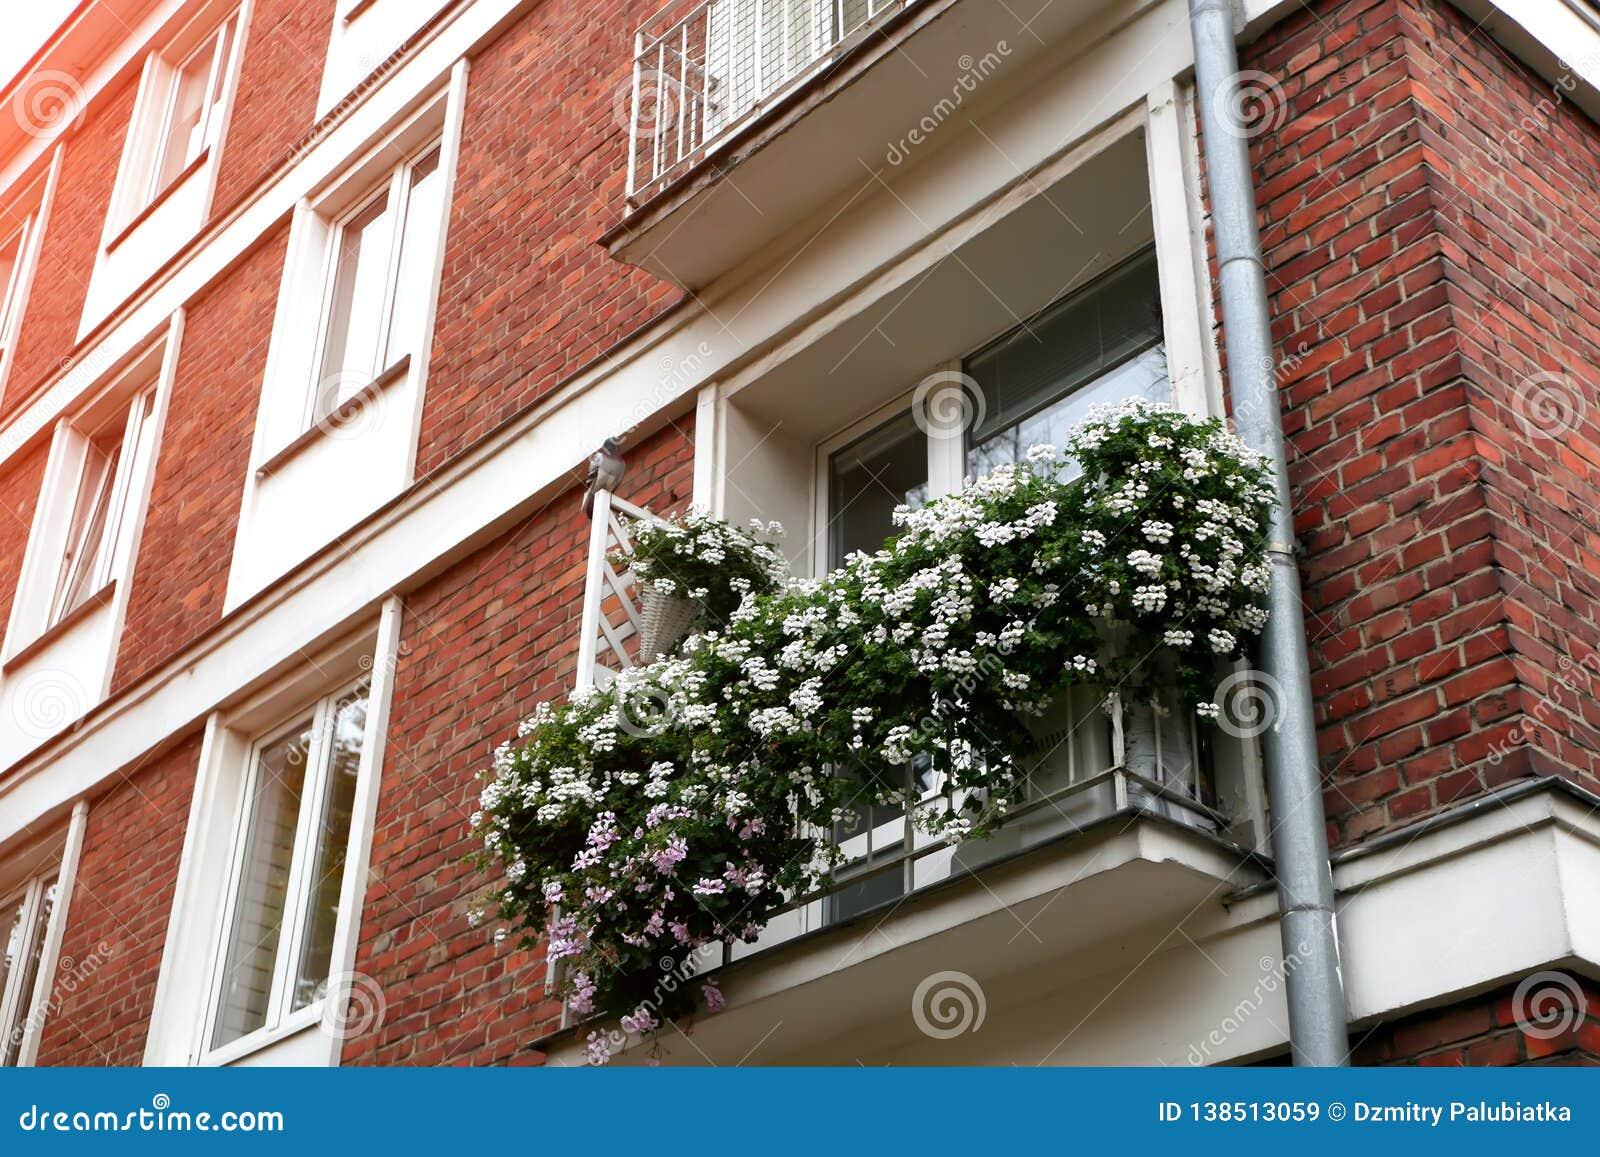 Τα παράθυρα της παλαιάς πόλης είναι διακοσμημένα με τα λουλούδια